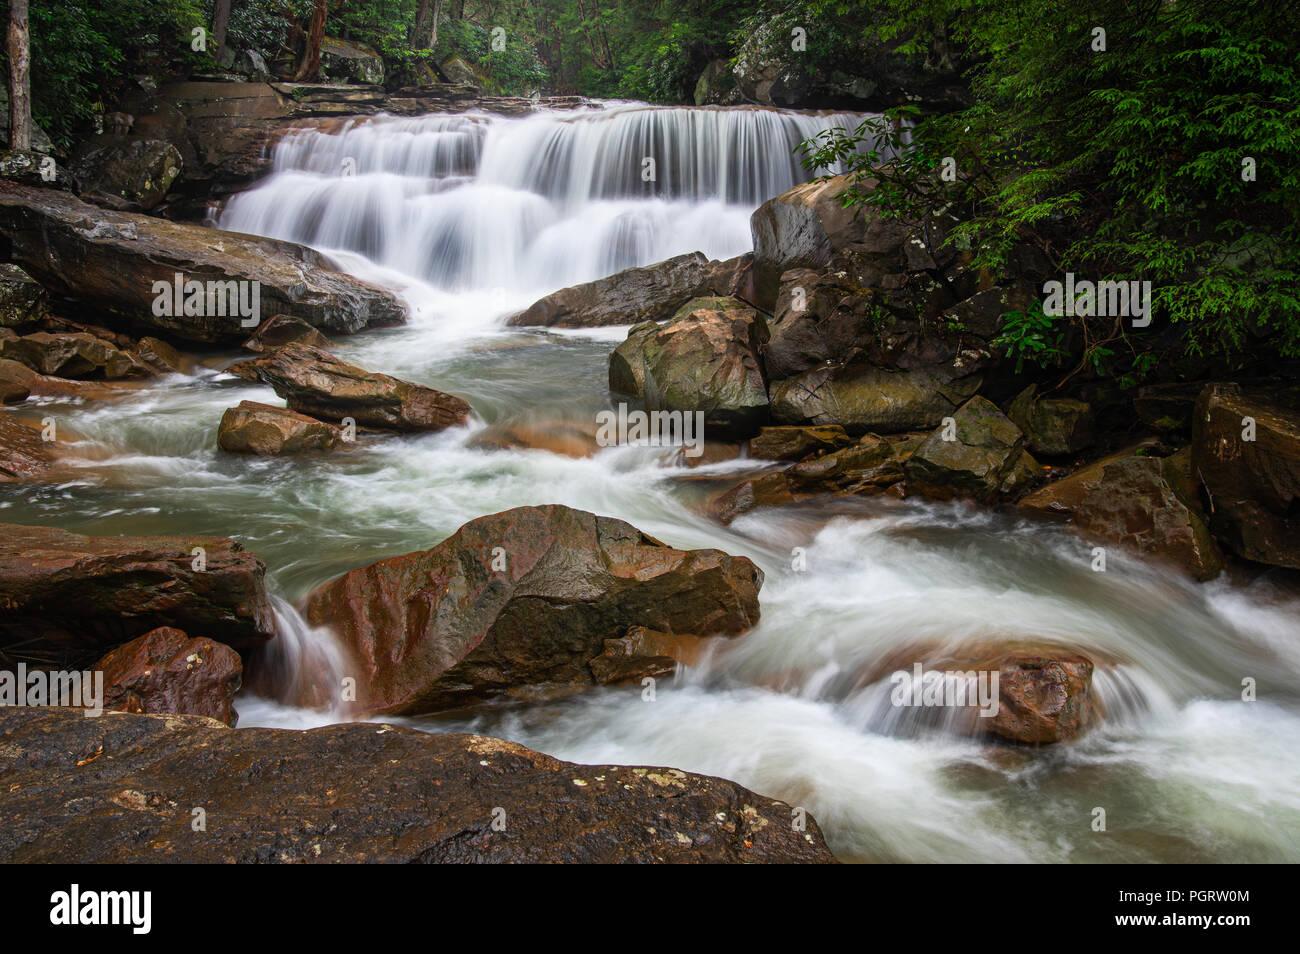 Cascades de Decker's Creek, un petit ruisseau de montagne coule sur de grosses pierres sous un auvent de rhododendron. Banque D'Images